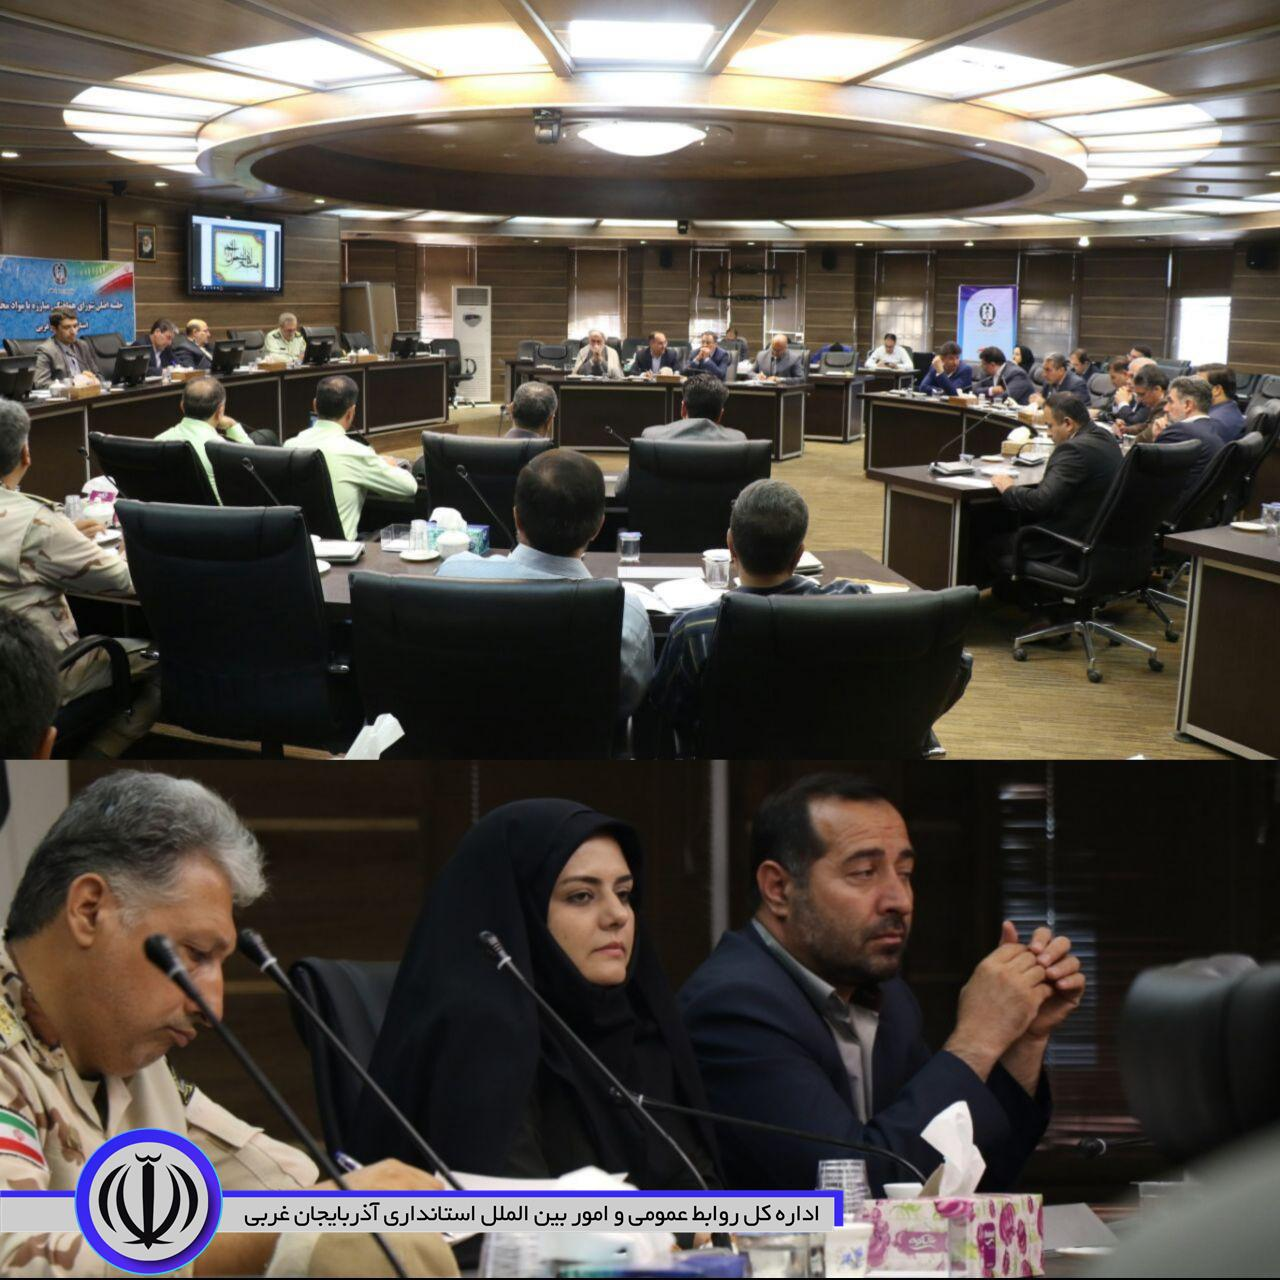 با توجه به مشکل هزینه های زیاد انتقال بیماران به مرکز استان نیاز به ایجاد دوکمپ ترک اعتیاد دیگر در شمال و جنوب استان ضروری است